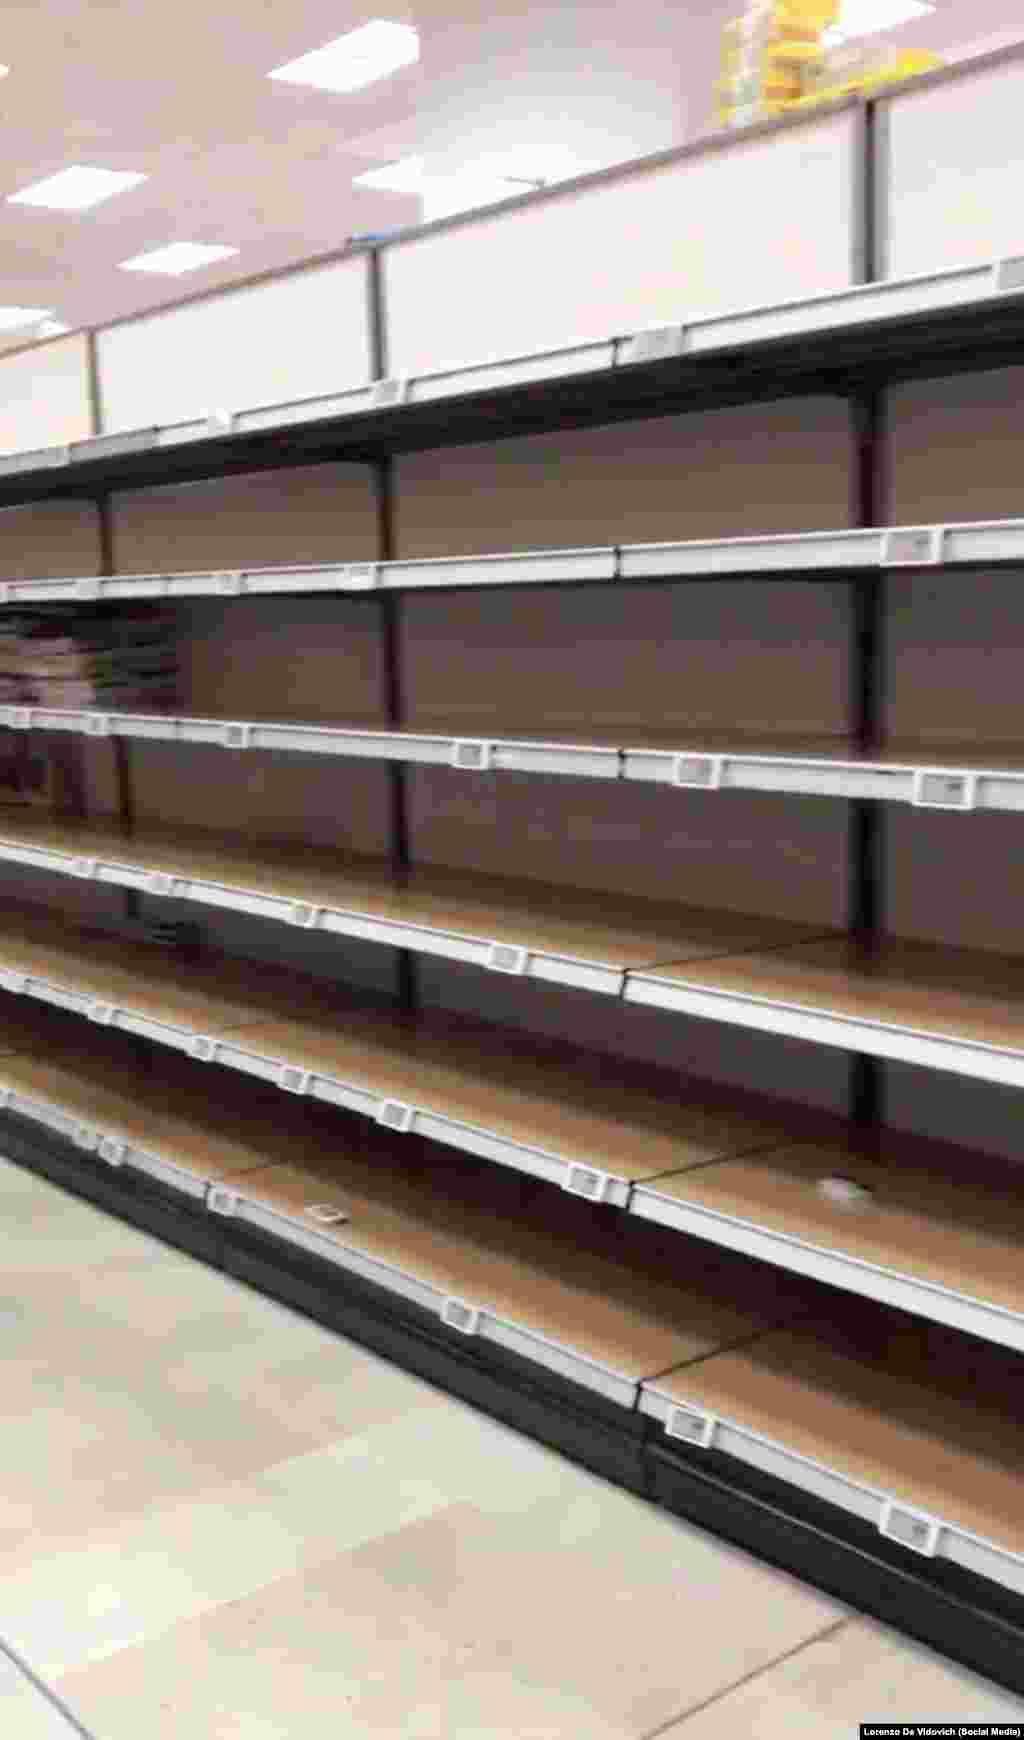 Полки одного из миланских супермаркетов (скриншот видео из социальных сетей)